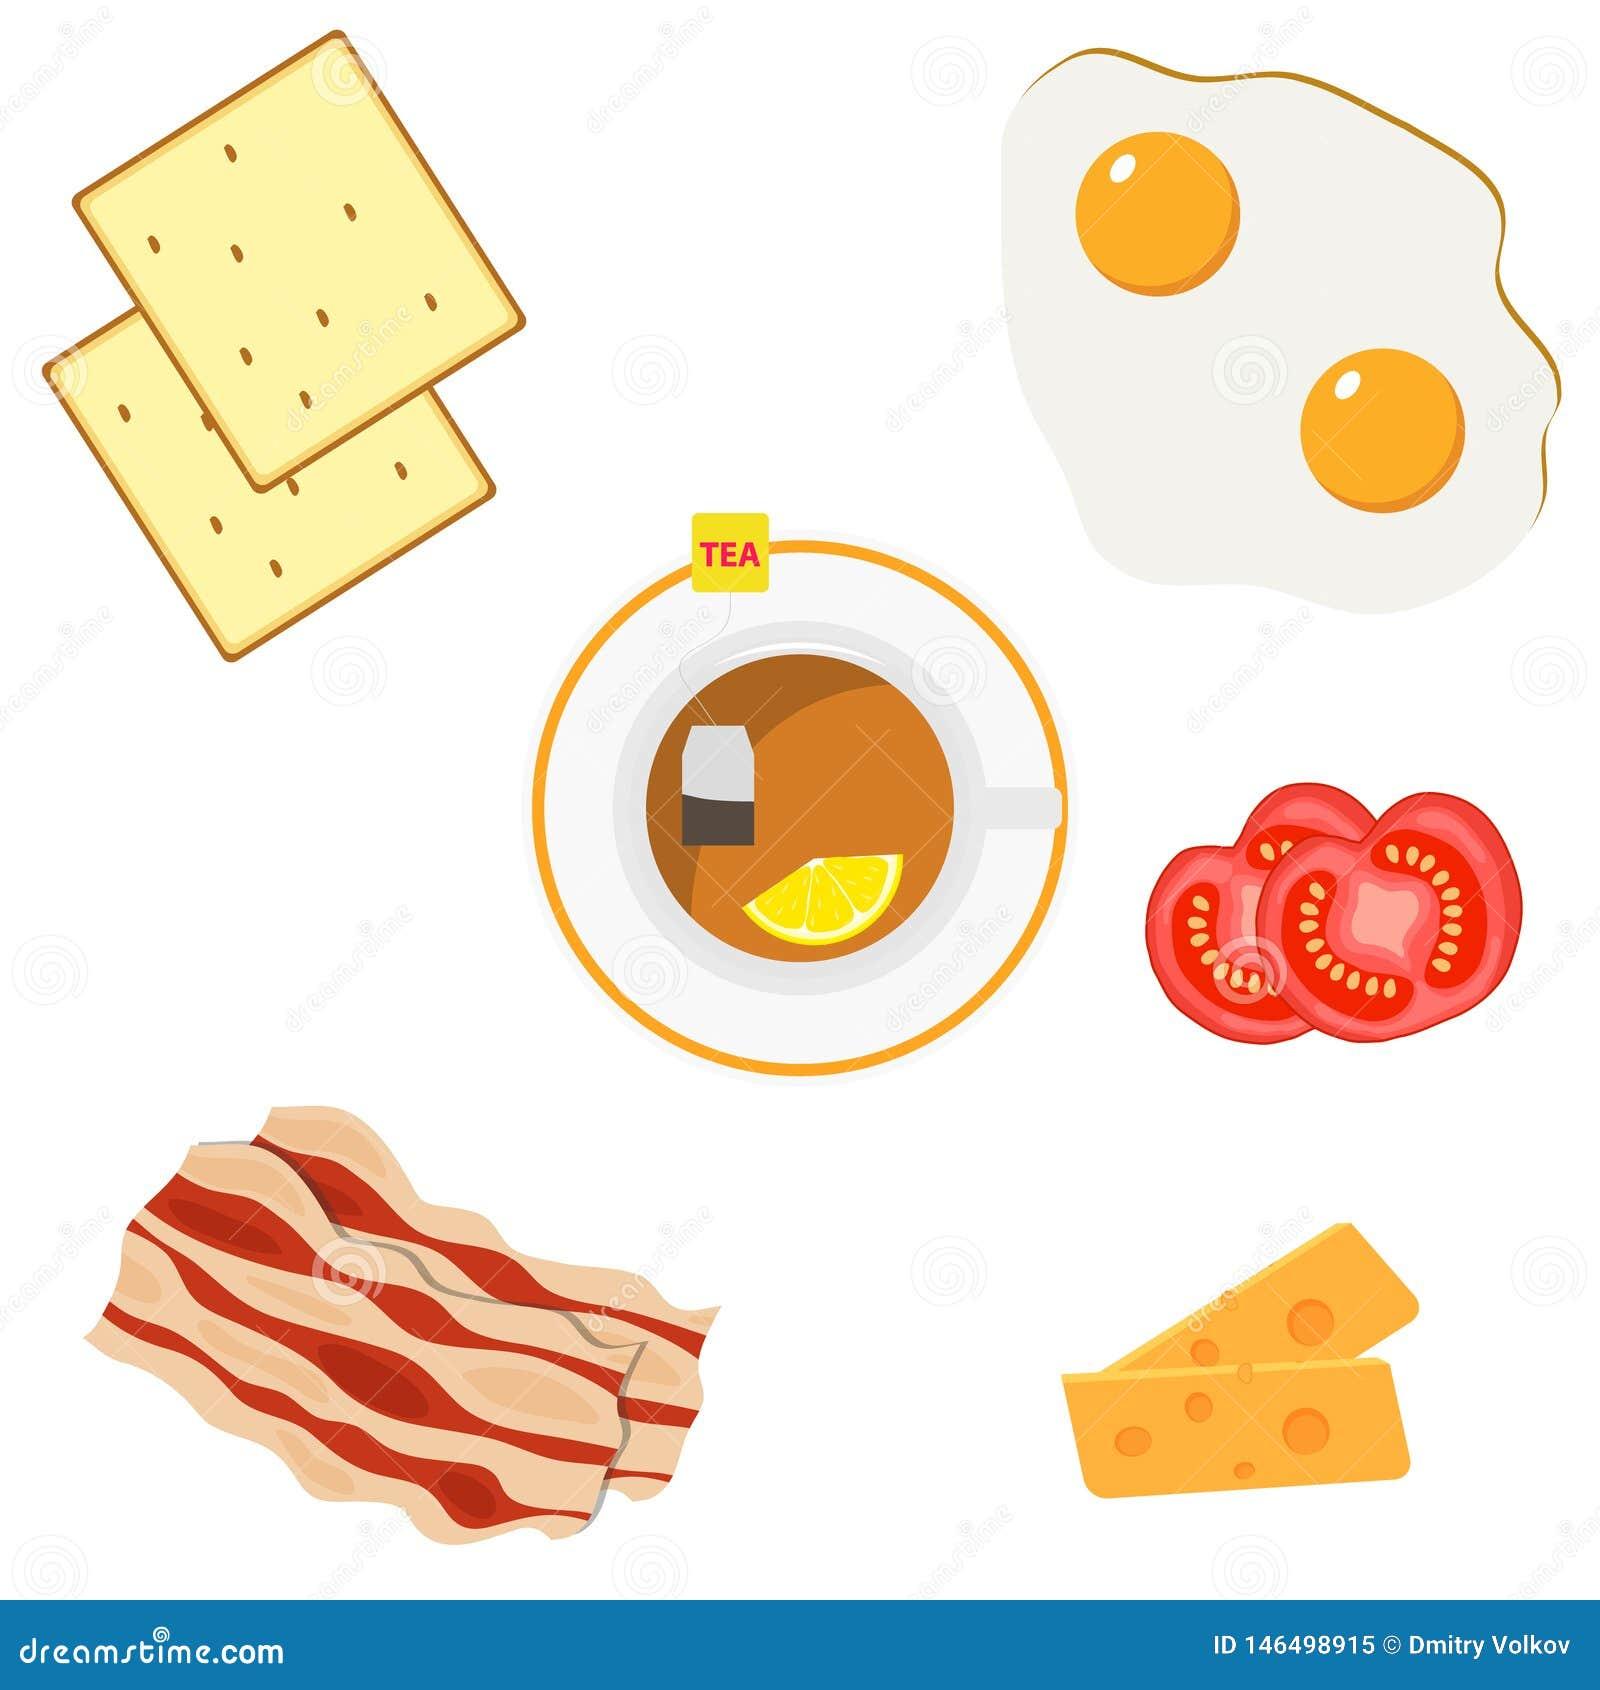 Petit déjeuner, un ensemble de produits pour des oeufs au plat de petit déjeuner, lard, fromage, pain grillé, tomates coupées en